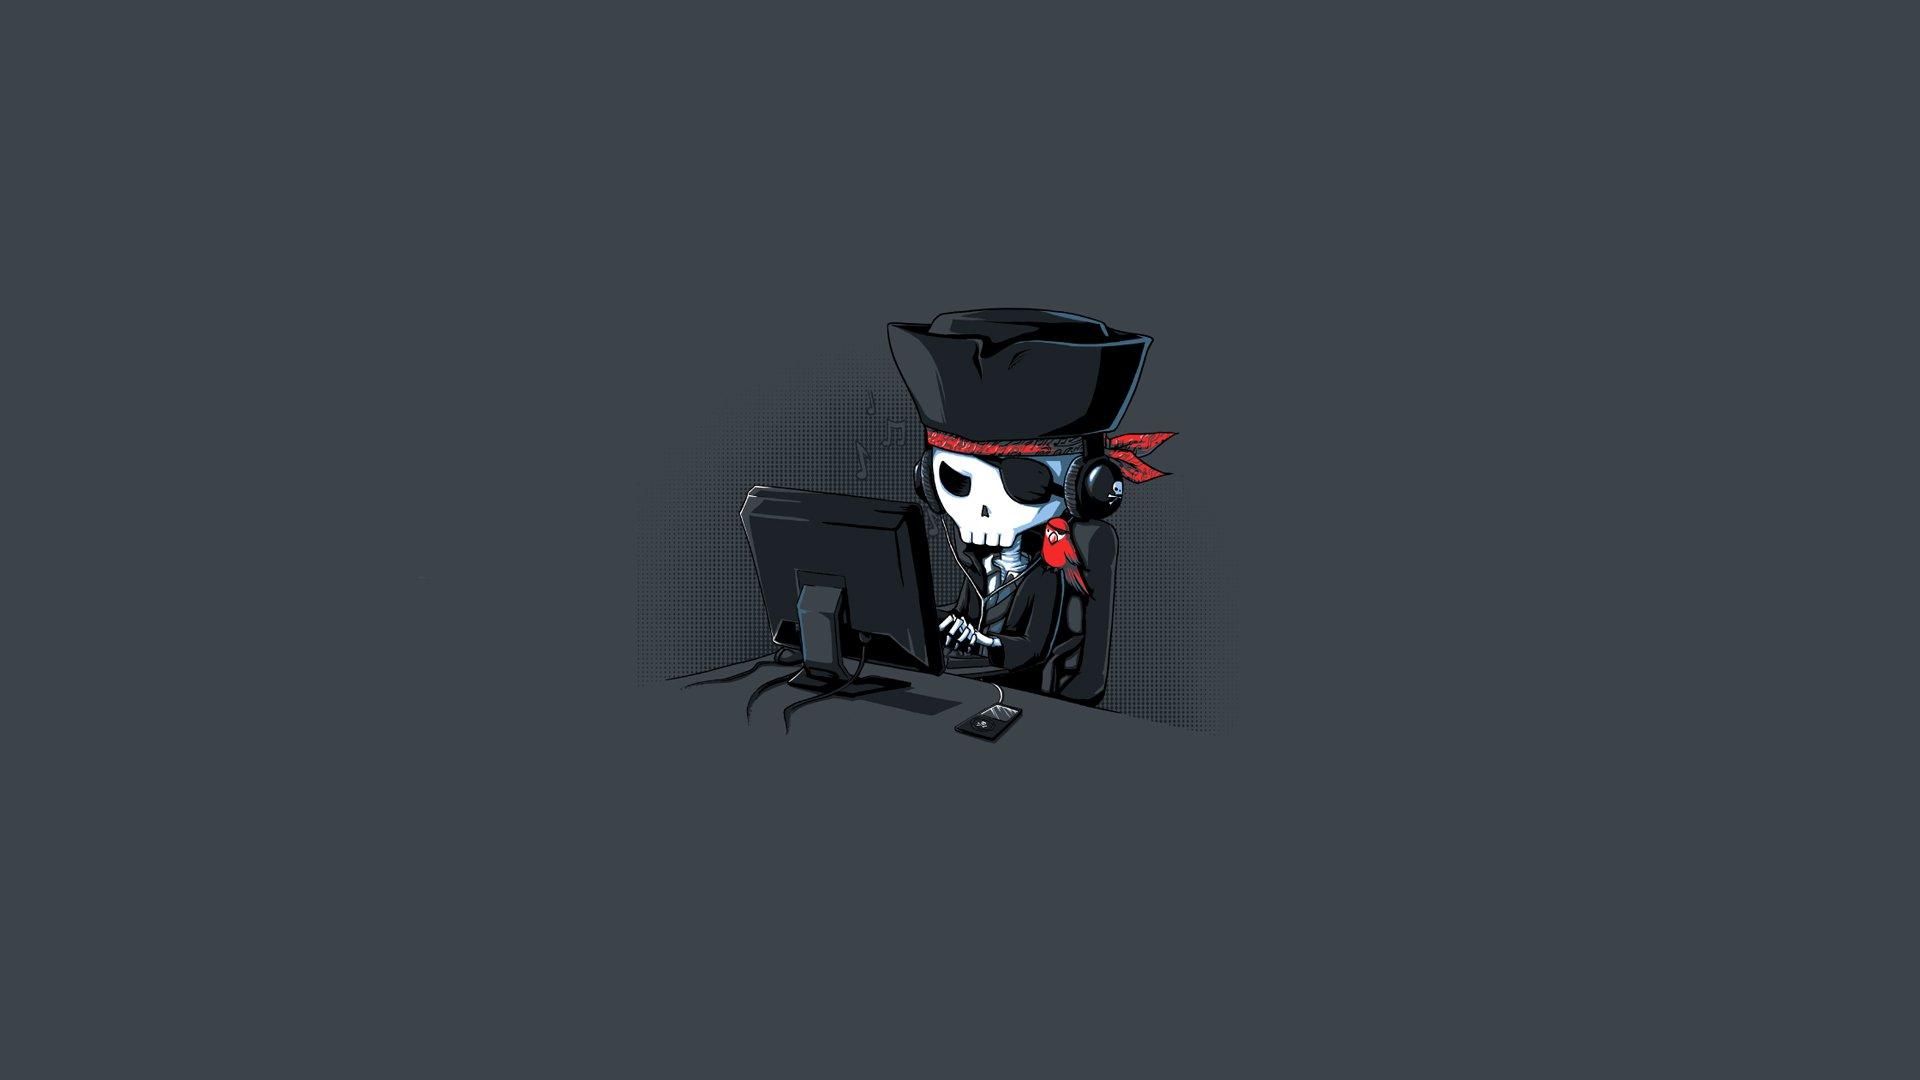 Humor - Computer  Pirate Bay Pirate Skull Wallpaper